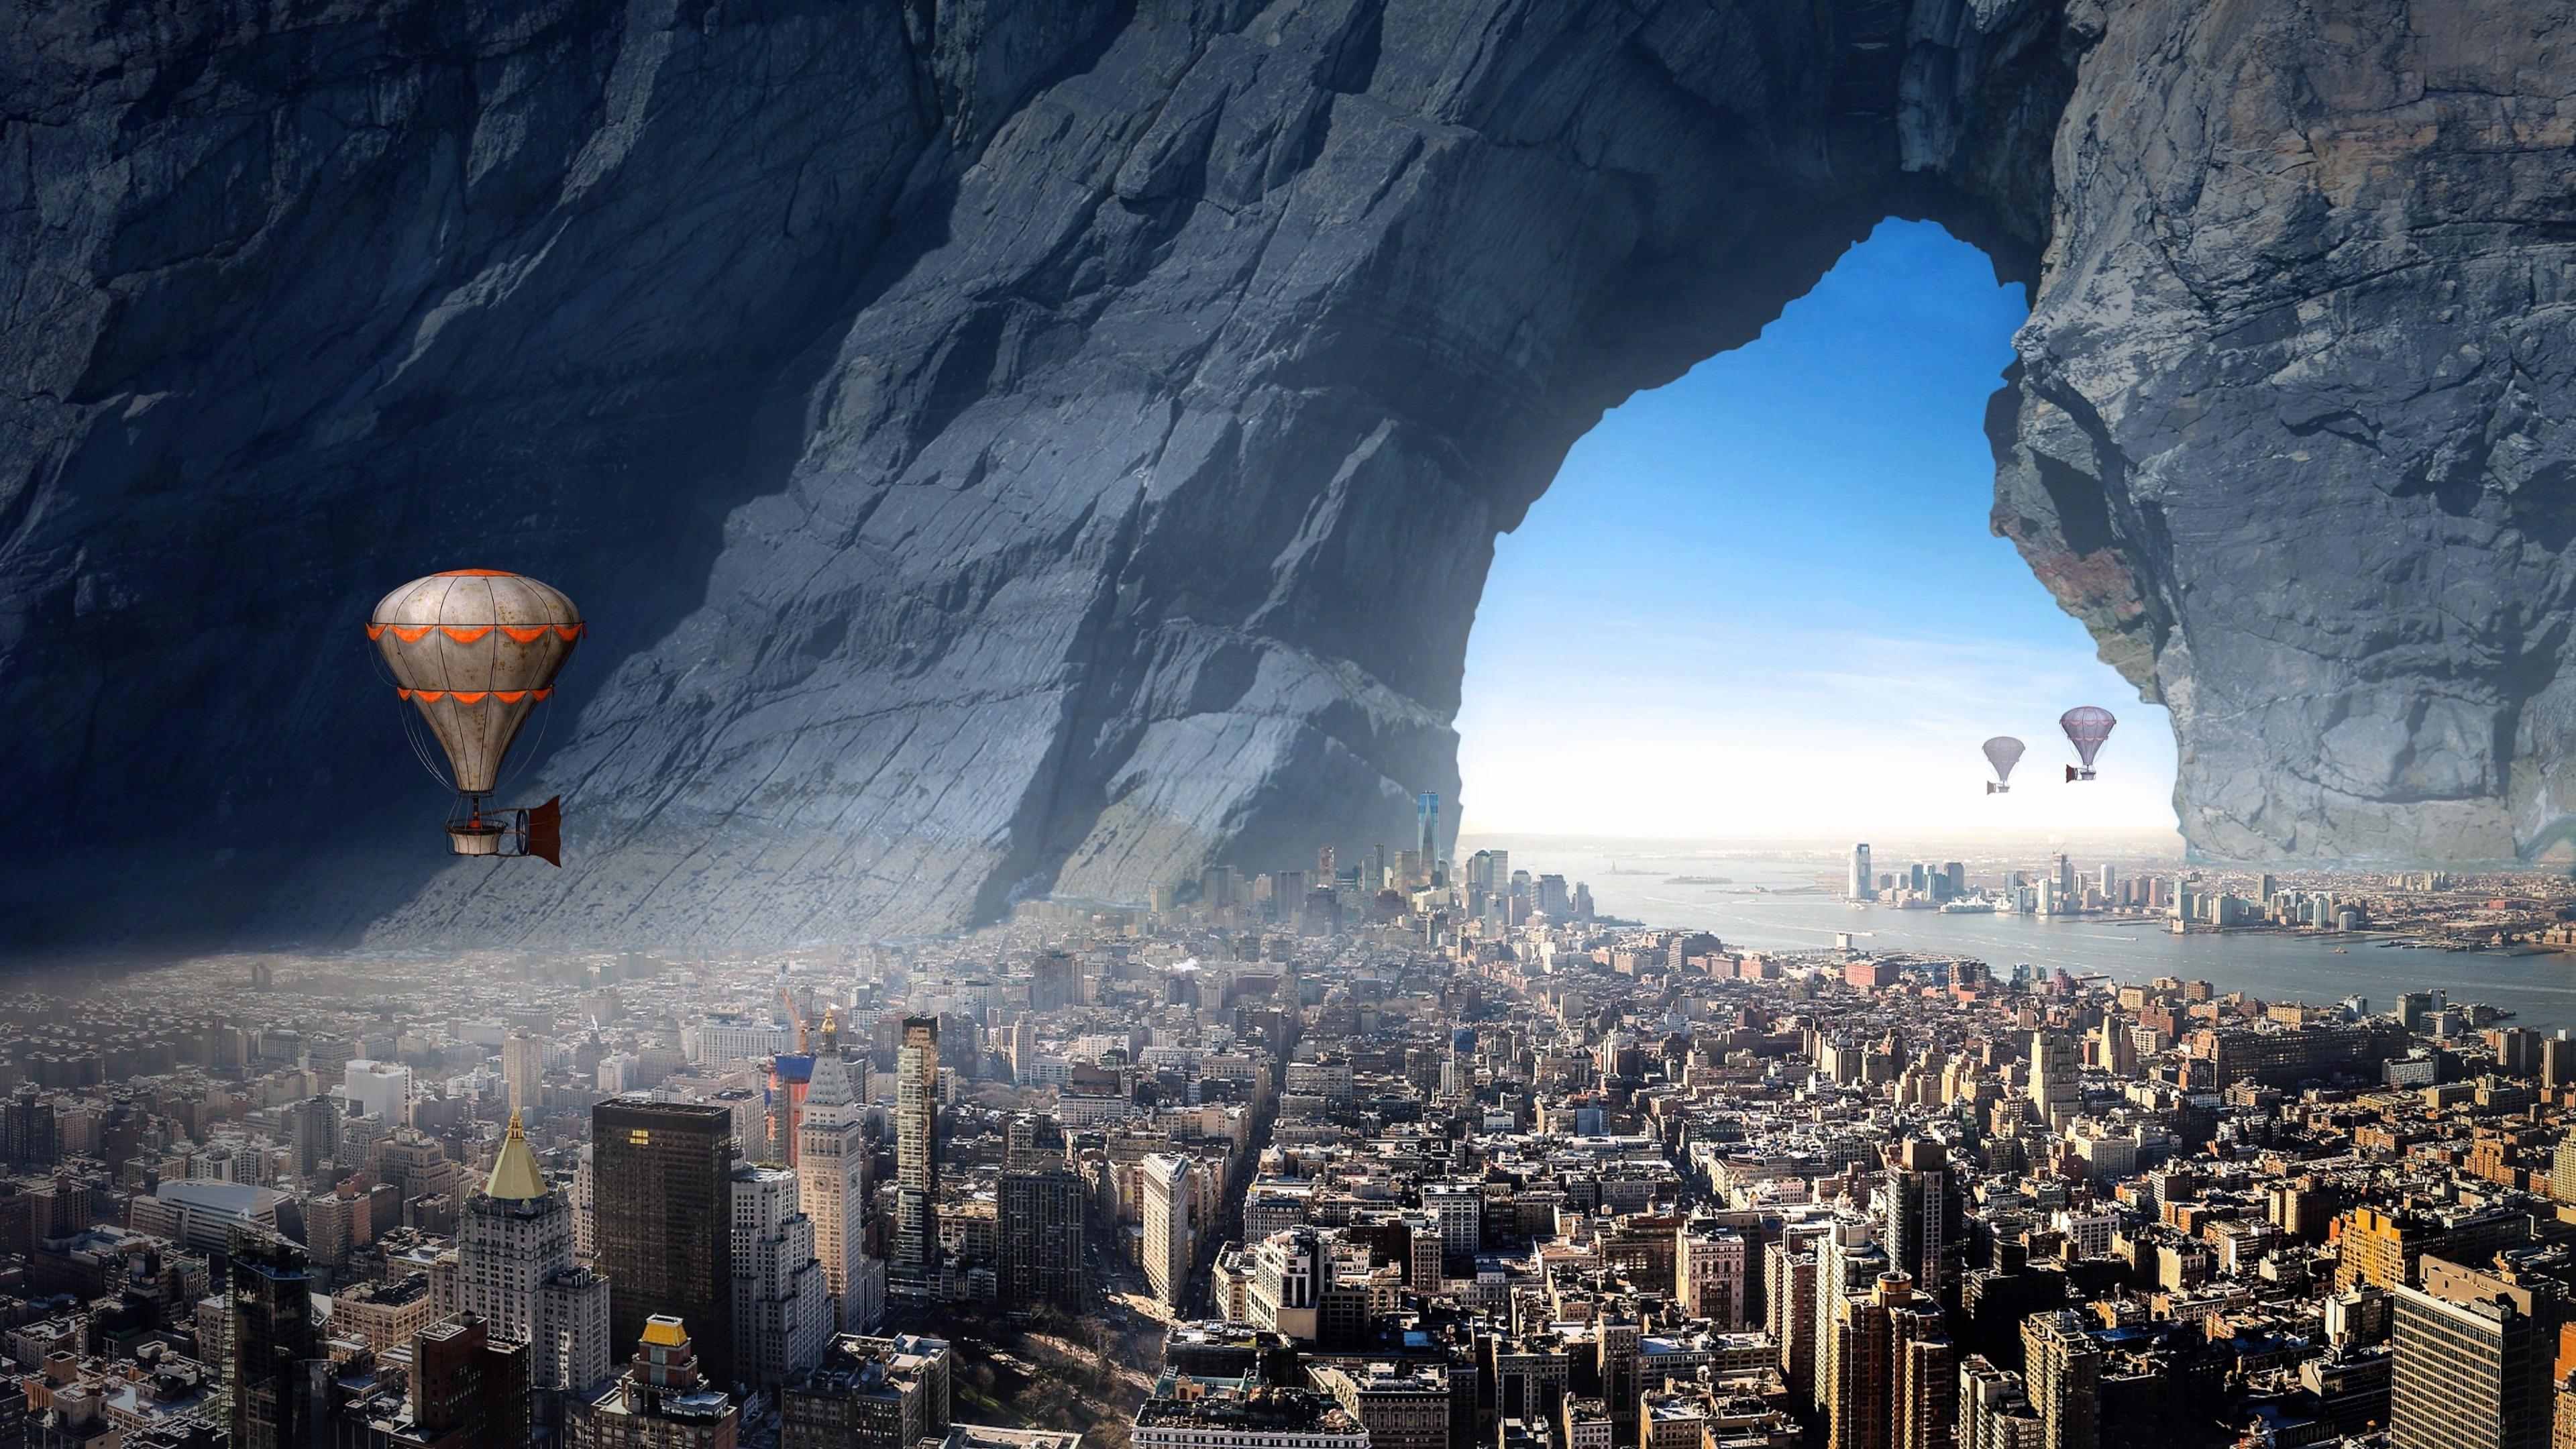 Alien City 4K UltraHD Wallpaper - backiee - Free Ultra HD ...